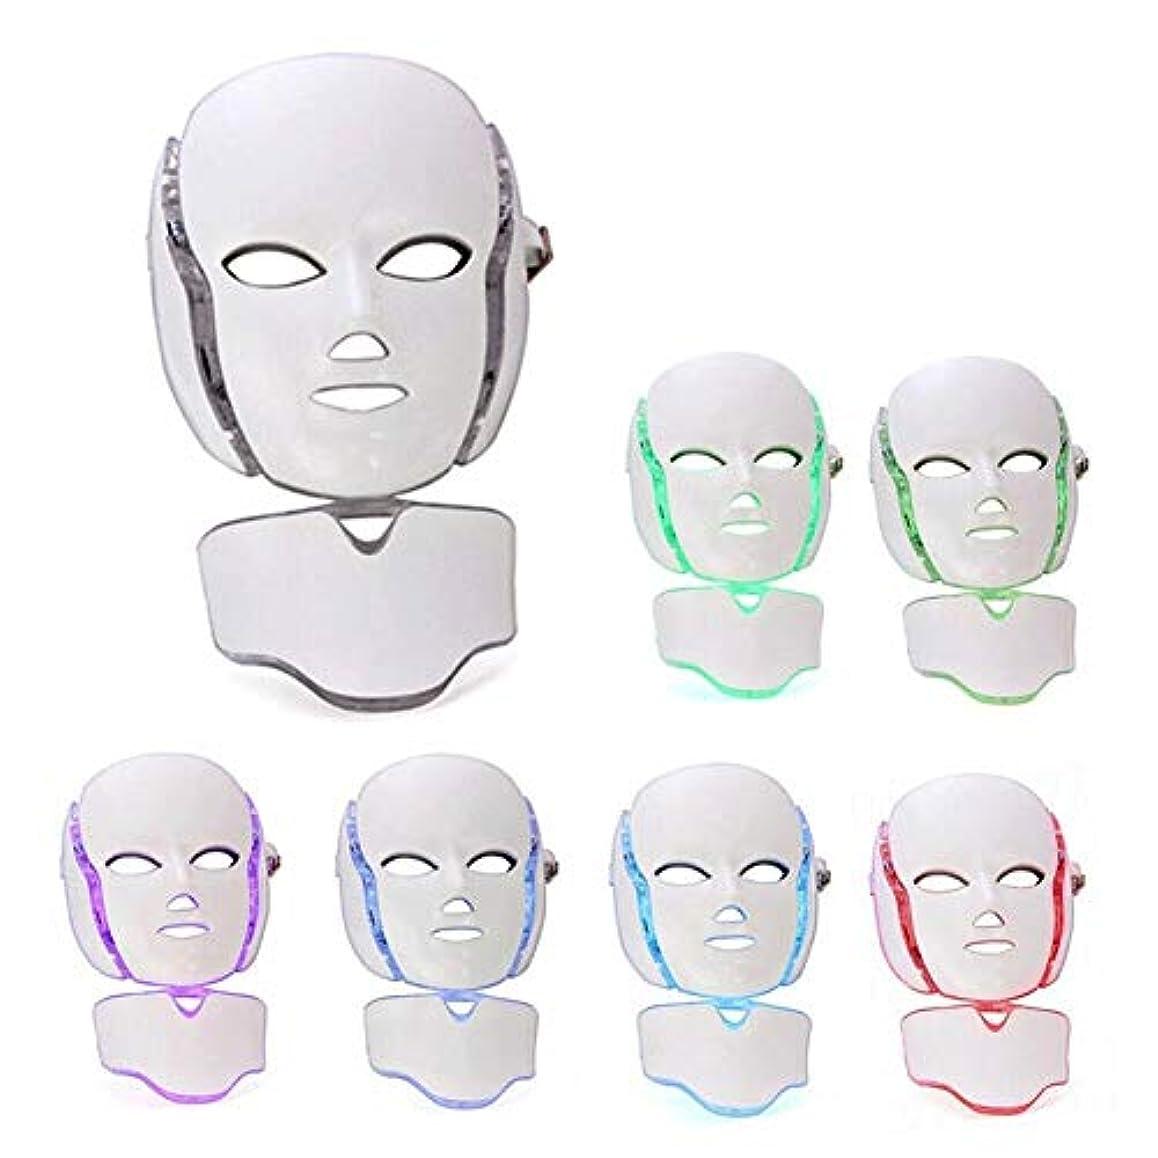 ボールボタン効能ある7色の電気導かれた顔のマスクのフェイスマスク機械軽い療法顔のアクネのマスクの首の美はマスクを導かれた光子療法を導きました